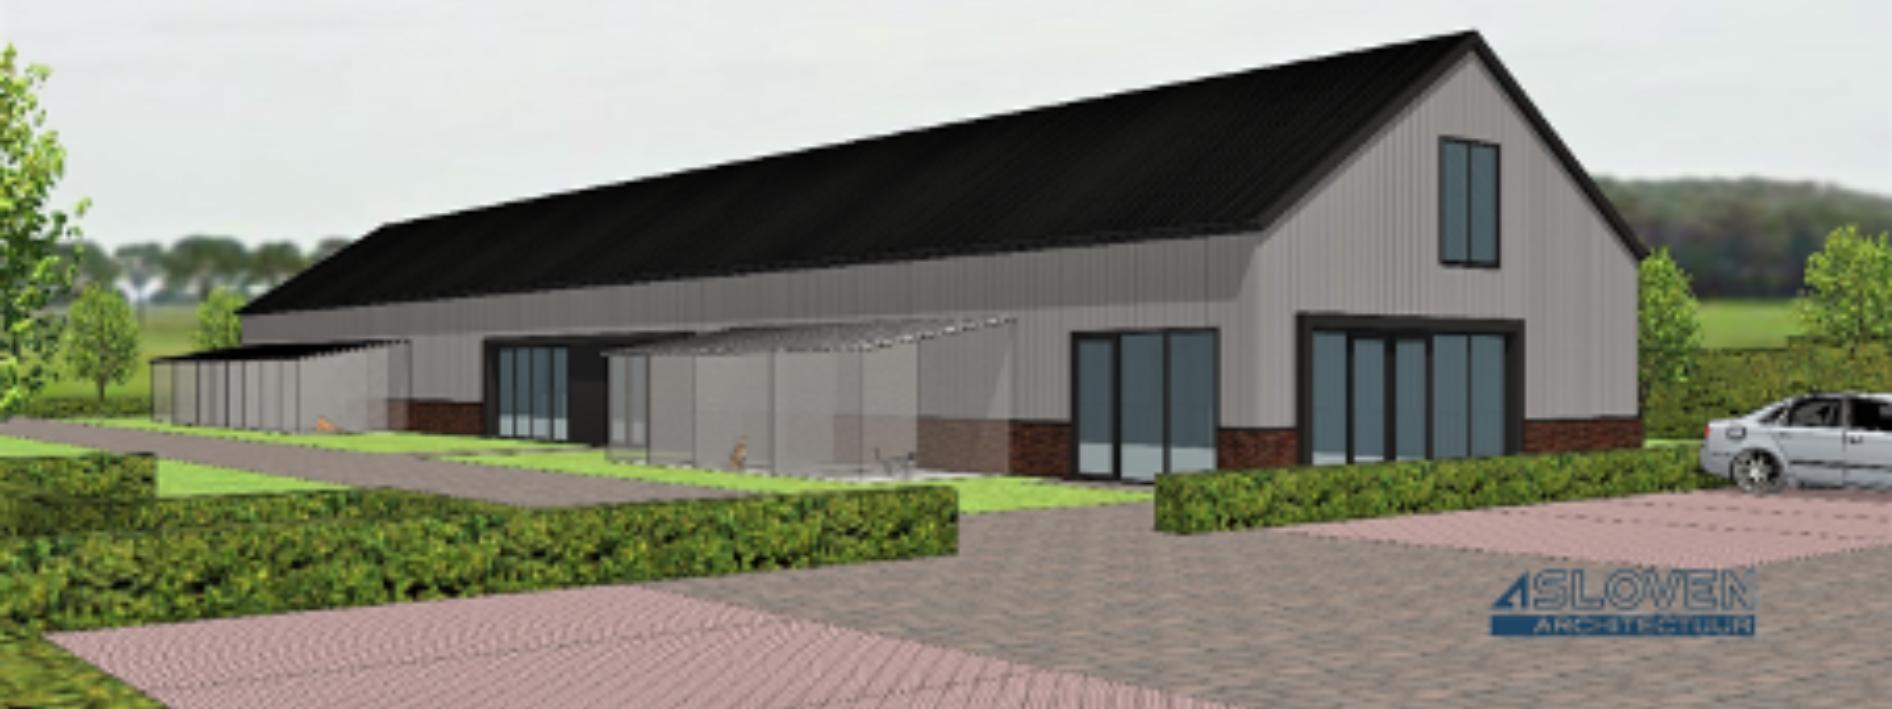 Nieuwbouw | Dierenopvangtehuis de Bommelerwaard